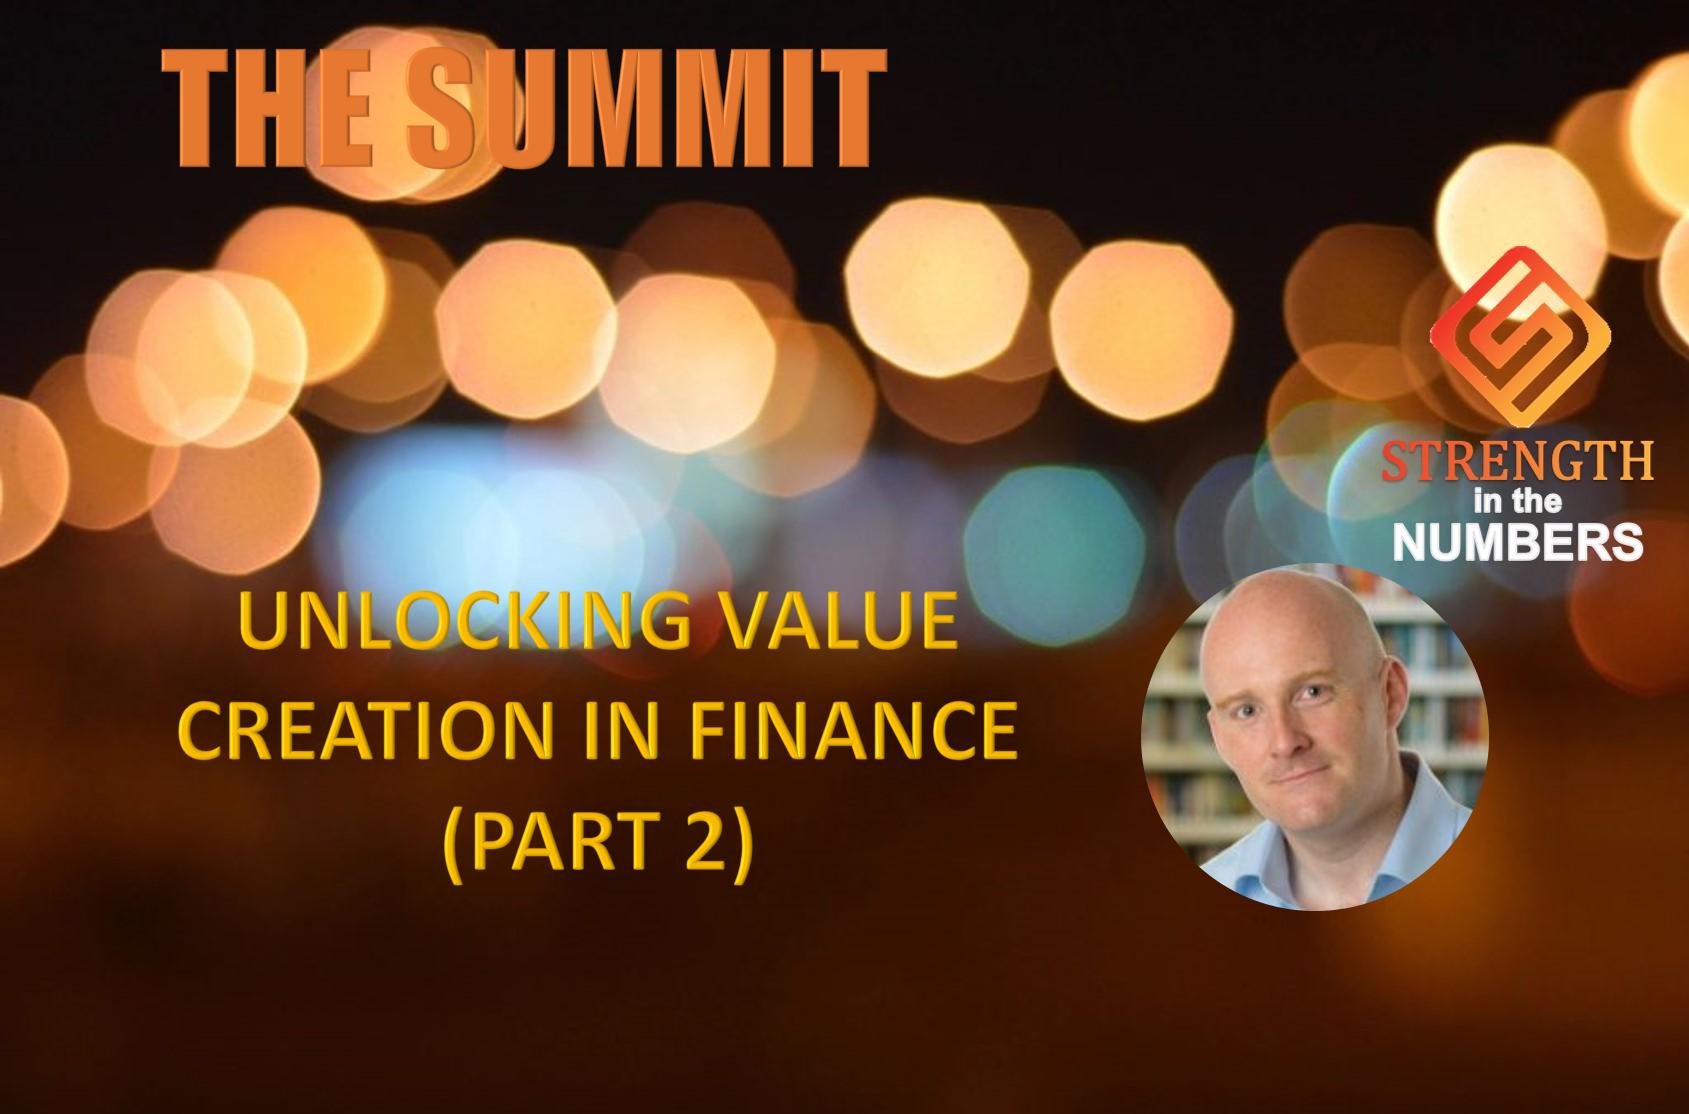 Unlocking Value Creation in Finance (Part 2)